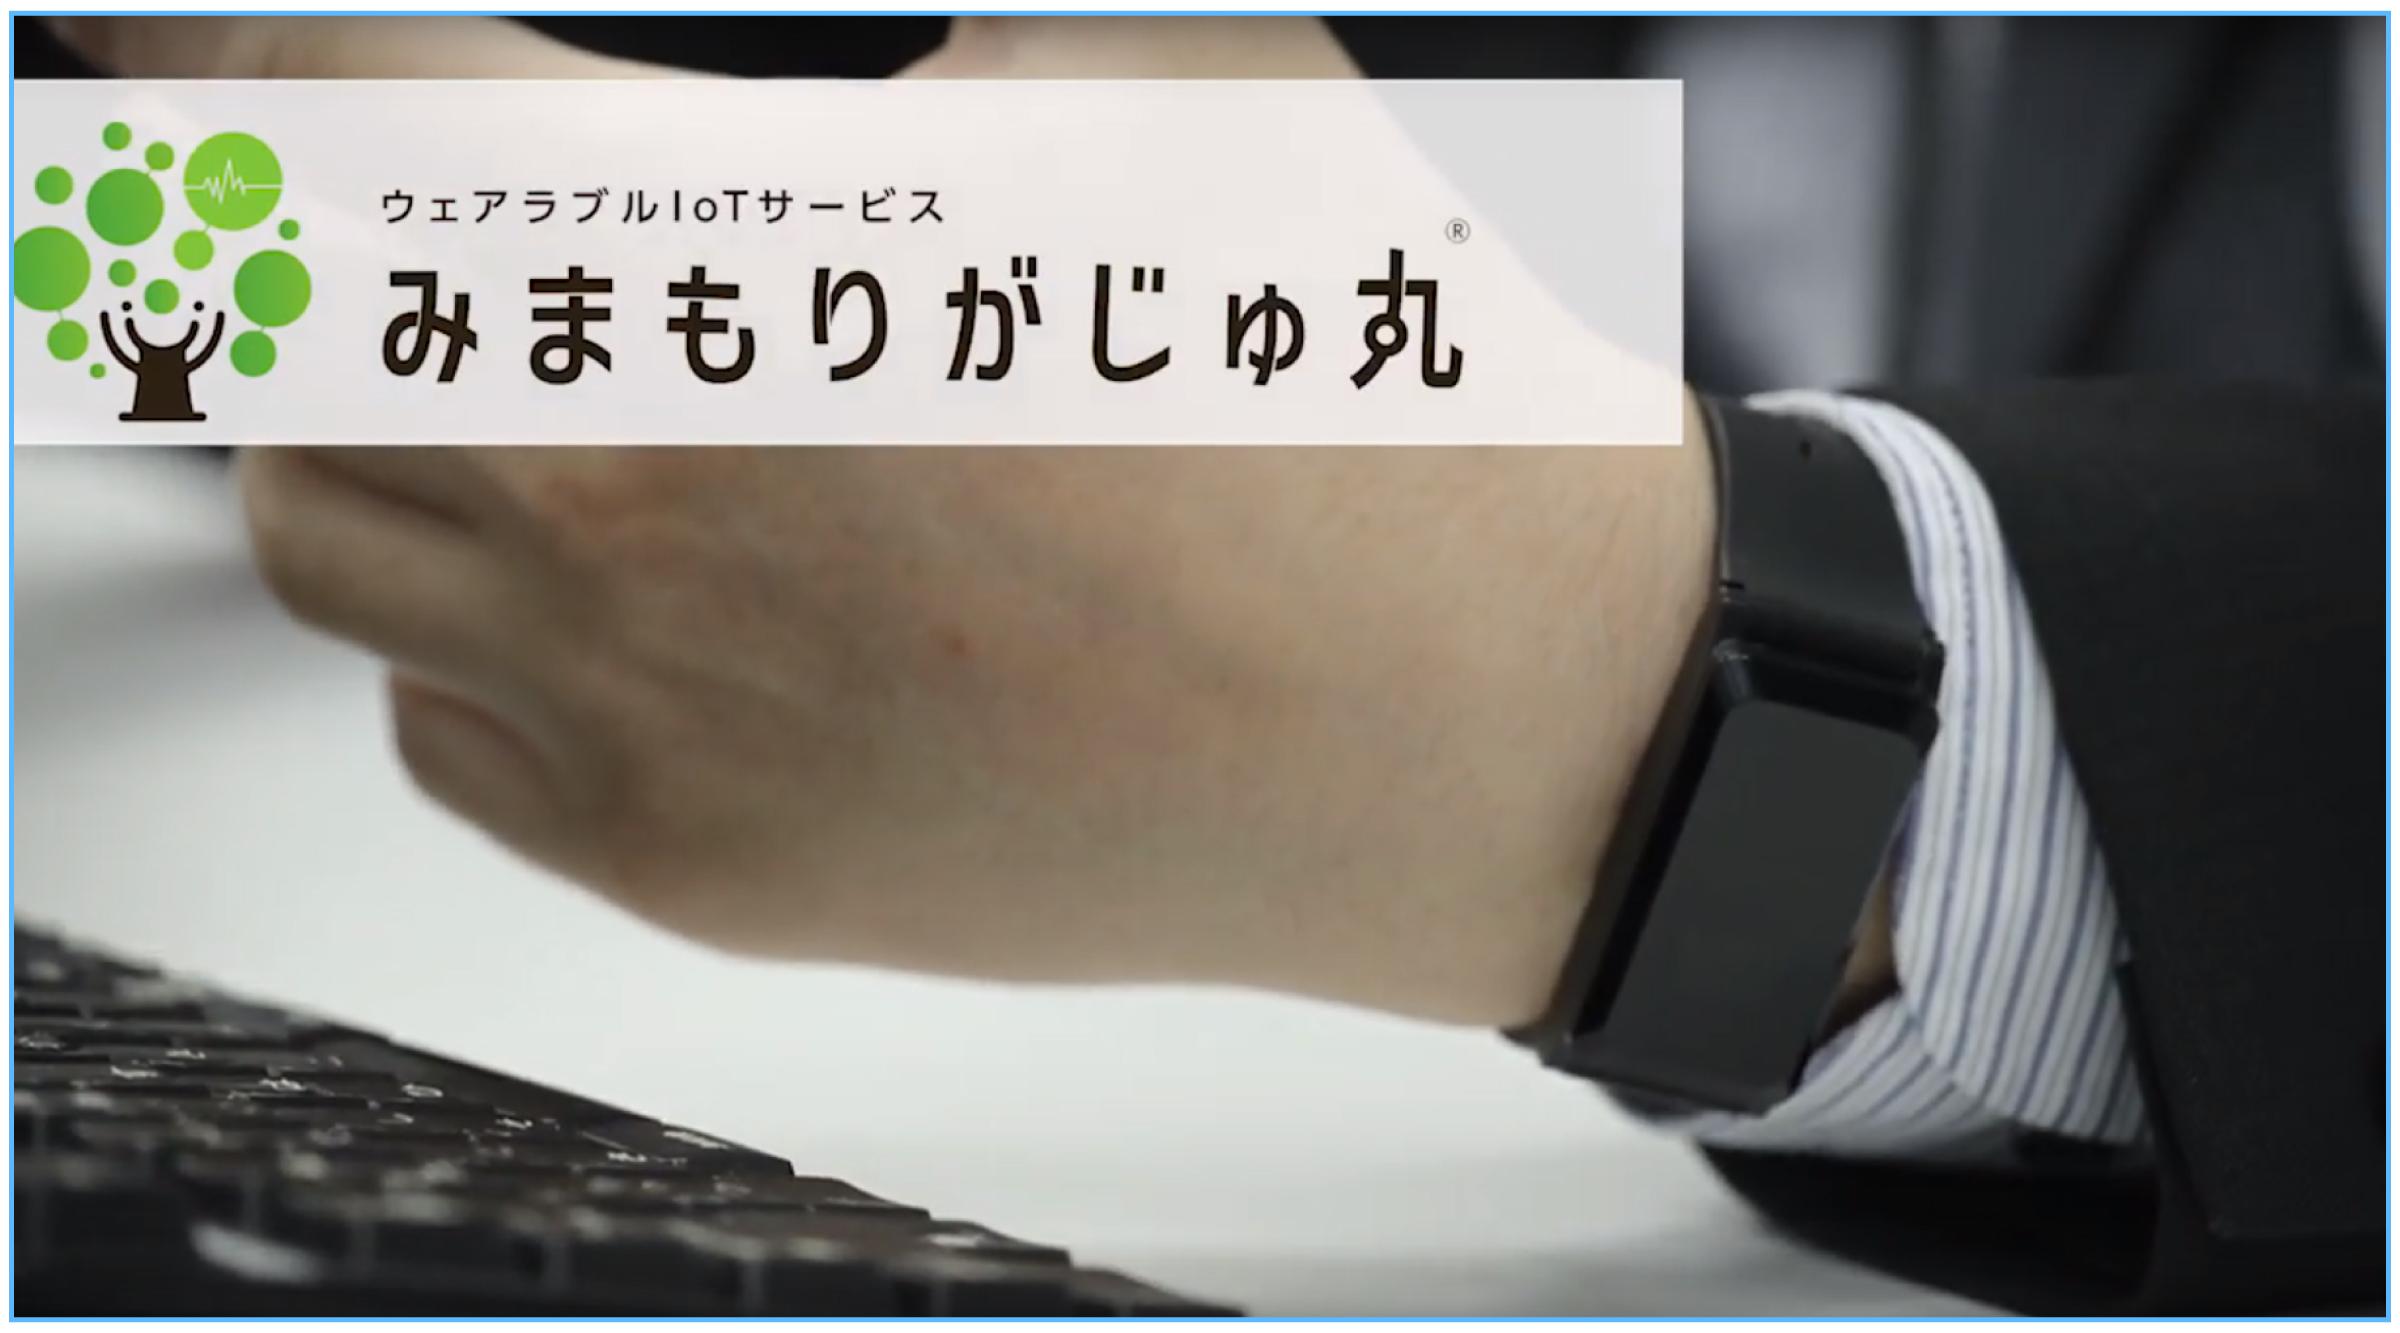 がじゅ丸通信機編